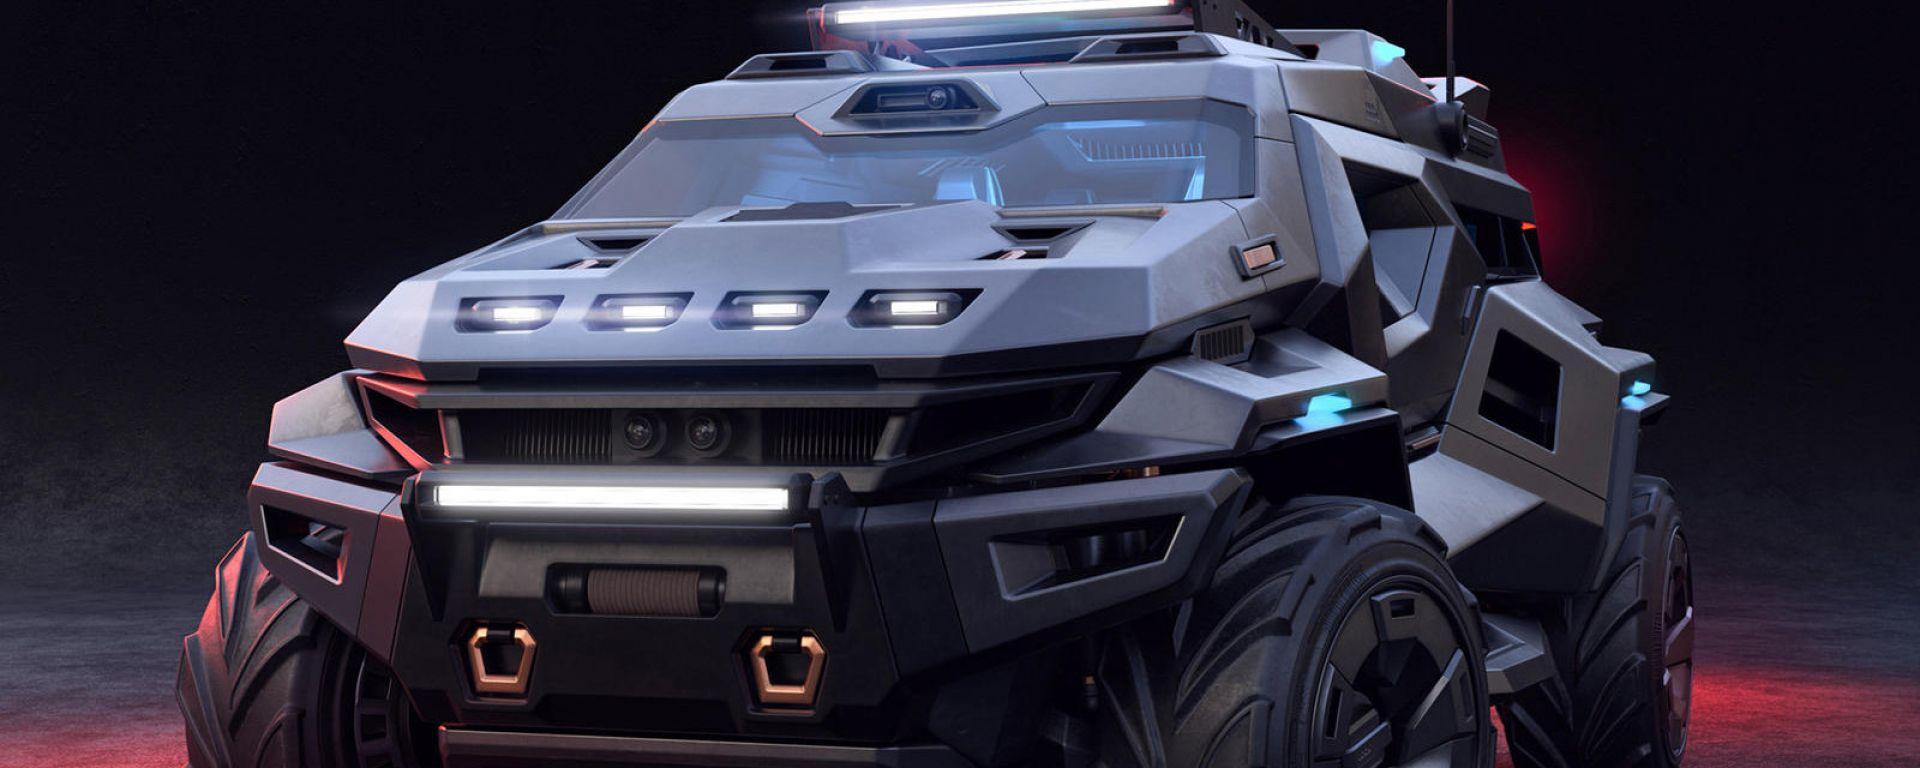 Armortruck, il SUV da 2000 CV pronto per l'Apocalisse